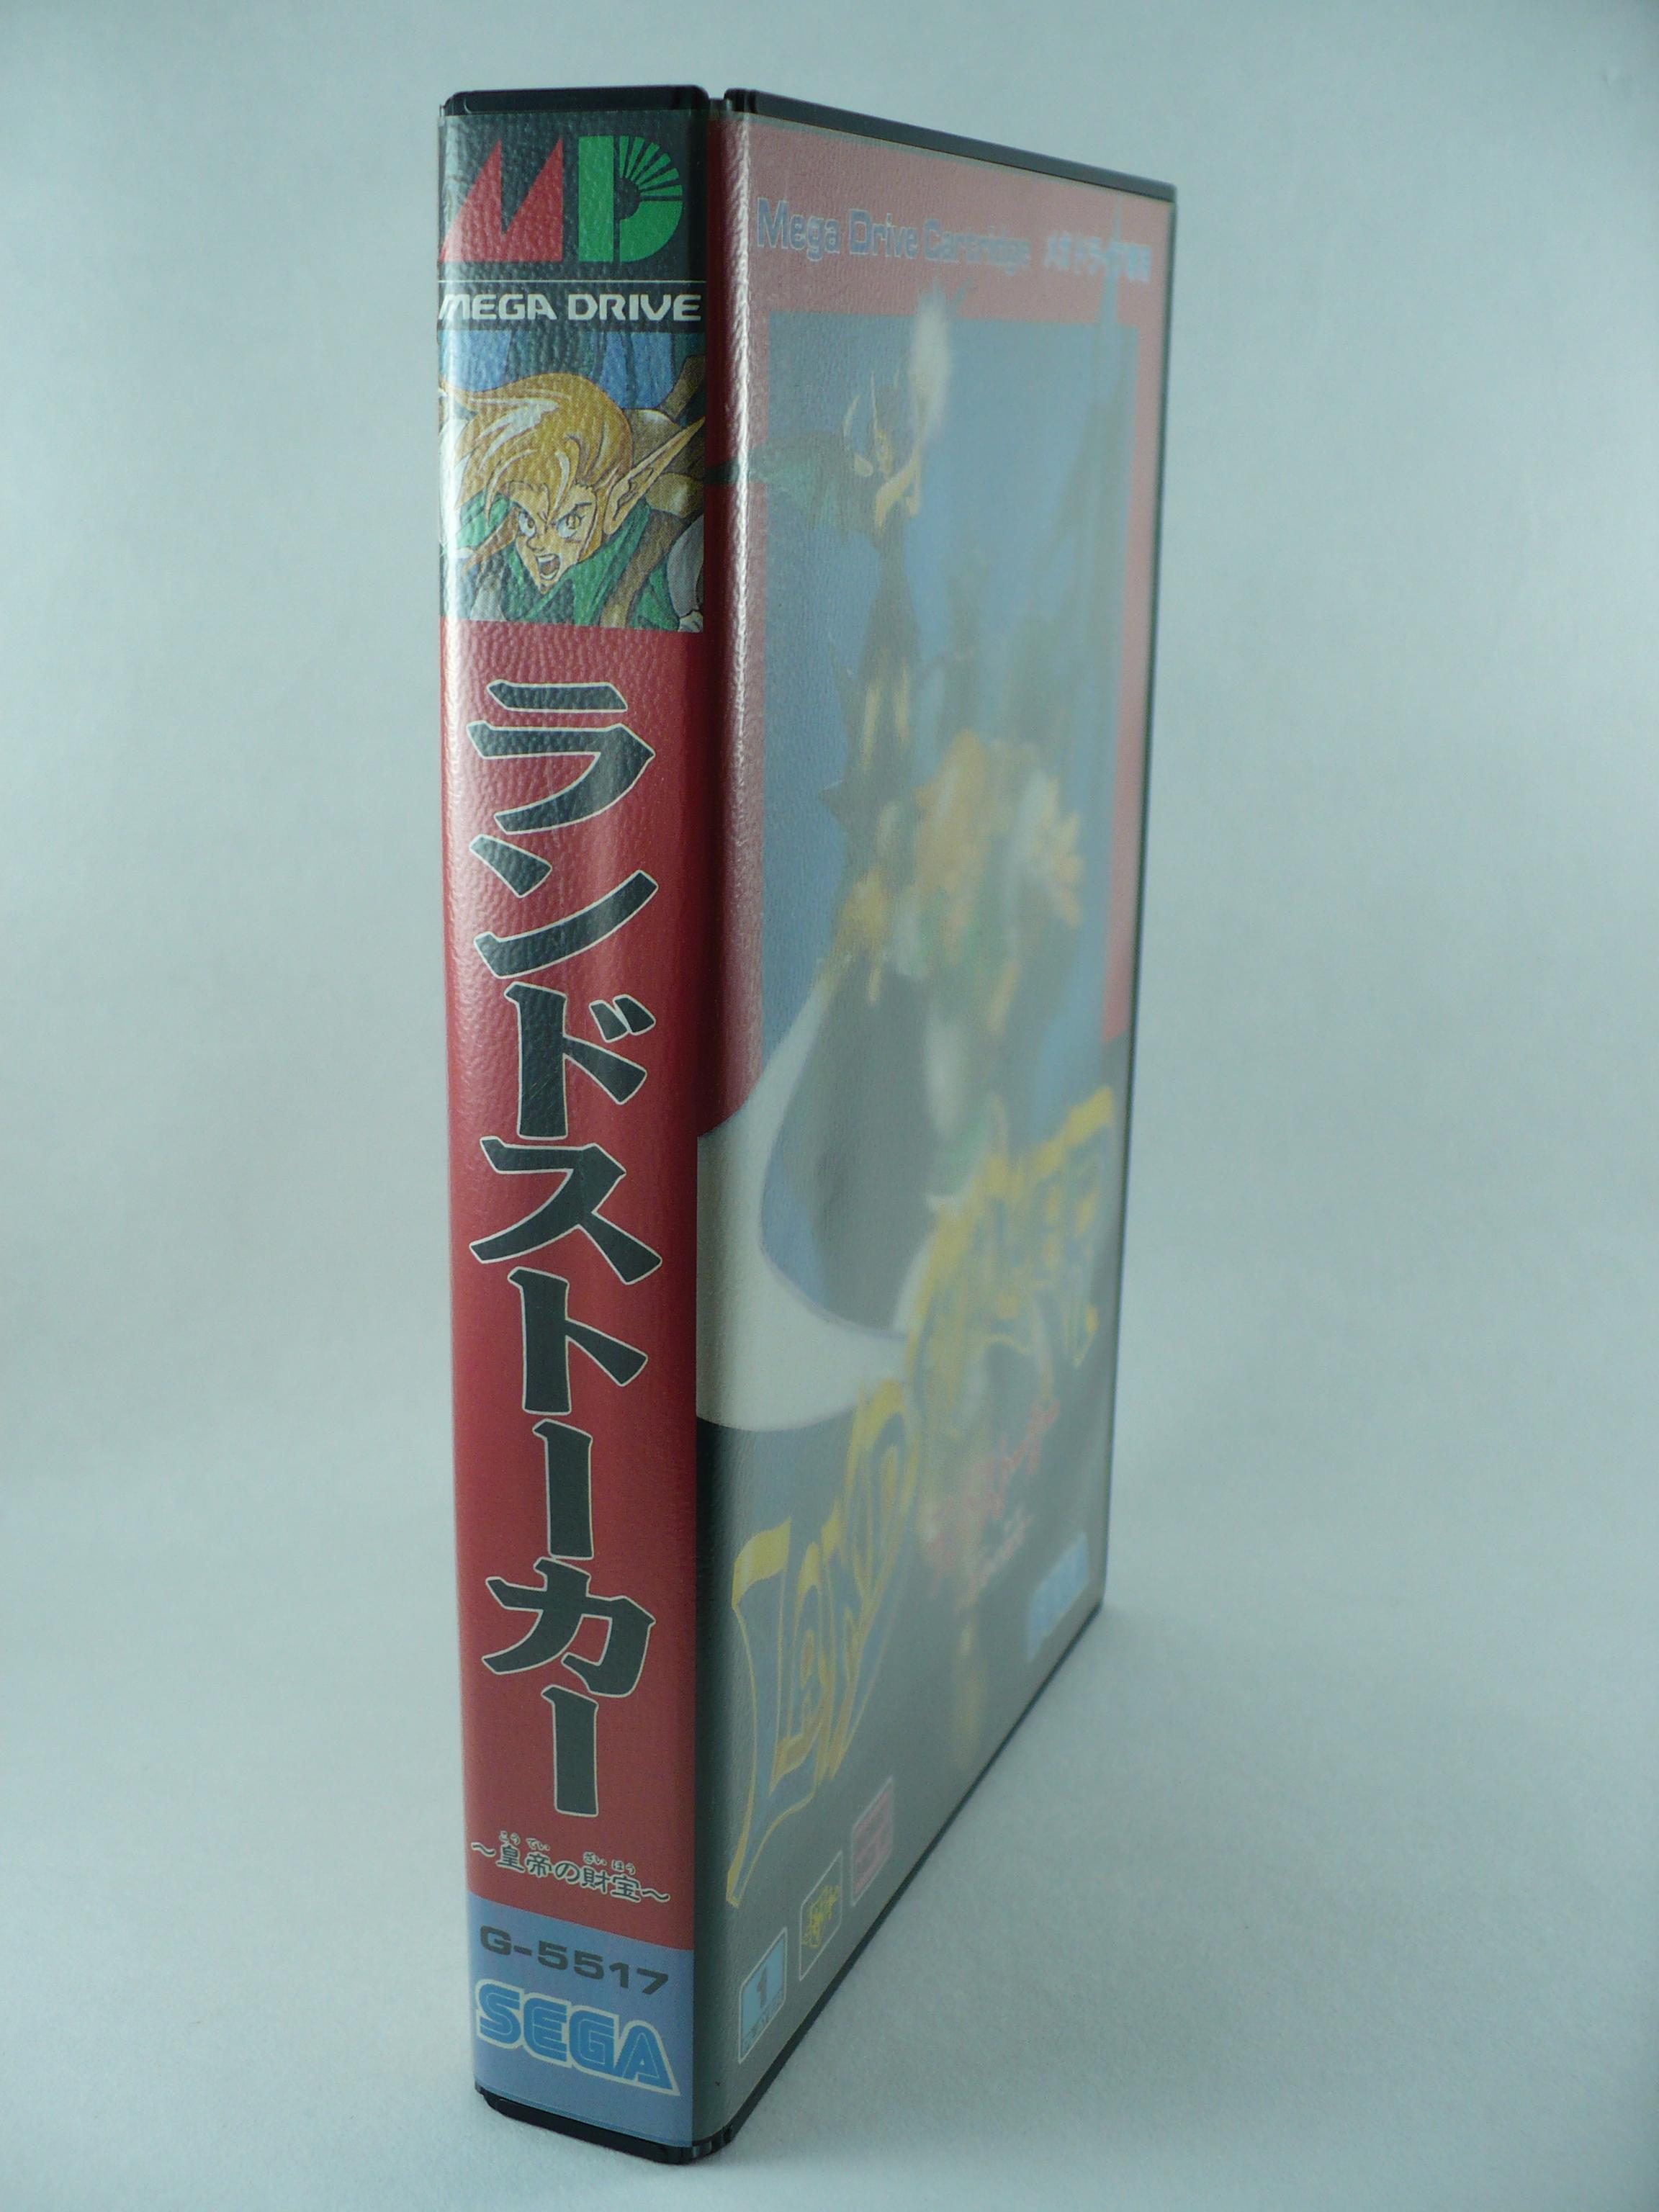 [VDS] Vente SEGA : MegaCD - Dreamcast - Megadrive - PAL et JAP - SMS - Page 5 398683P1130309